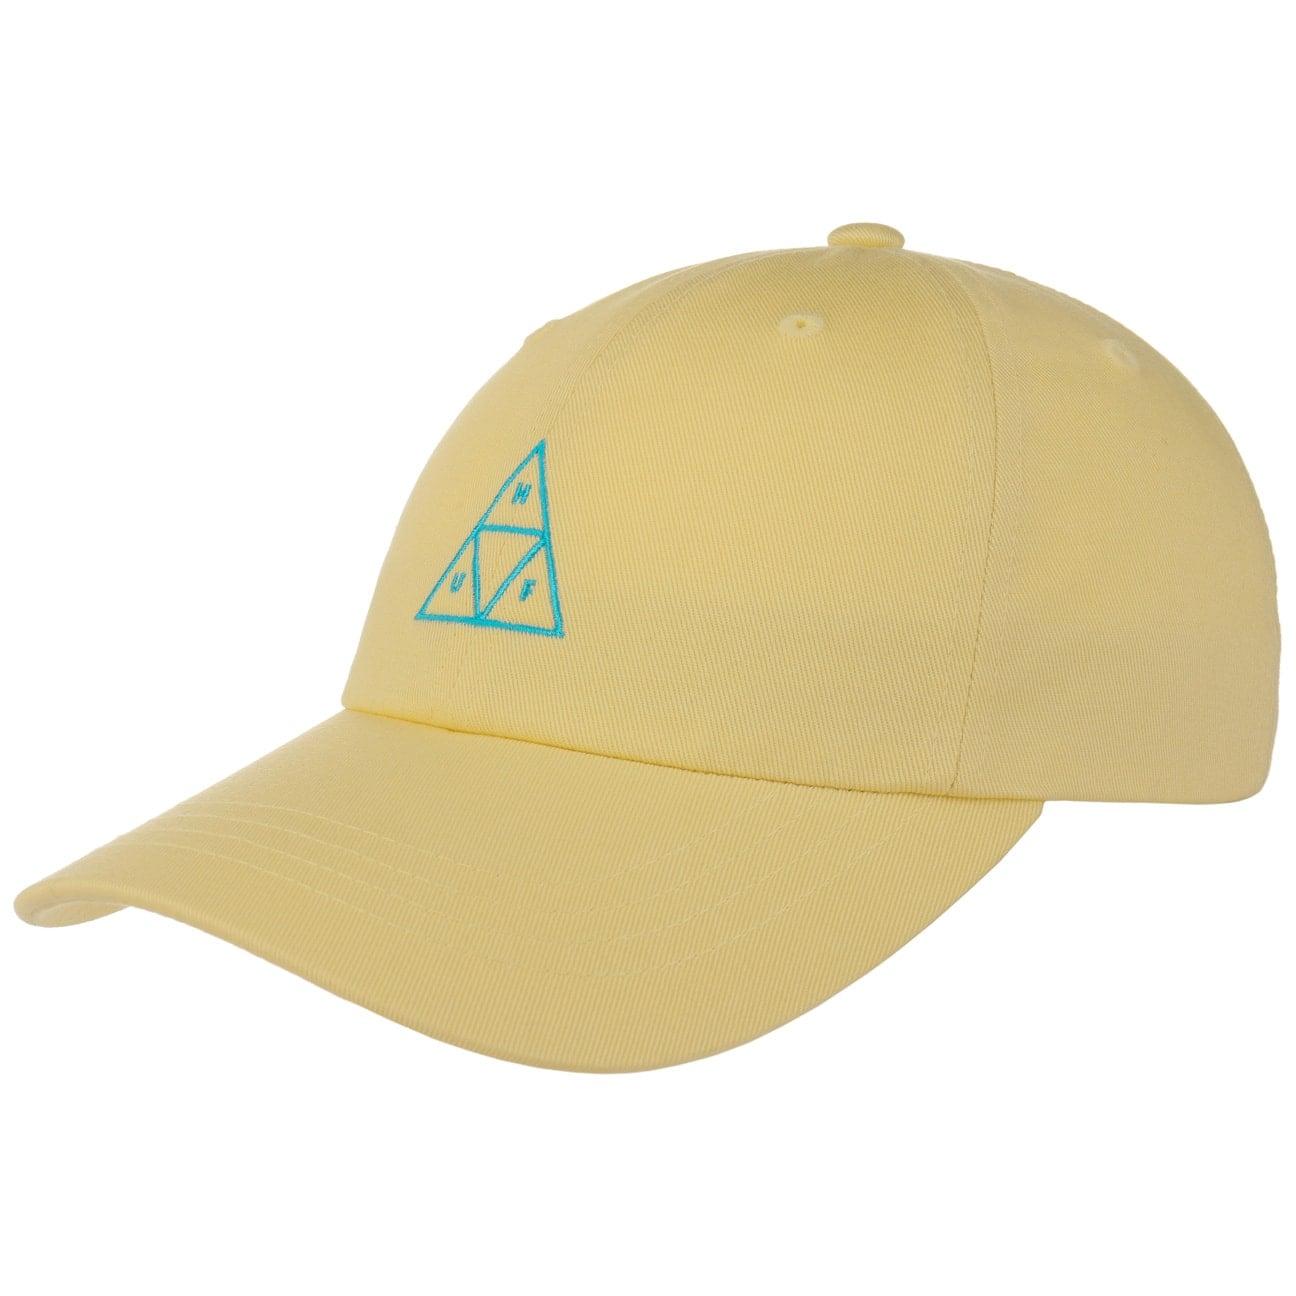 Casquette Triangle CV Strapback by HUF  baseball cap